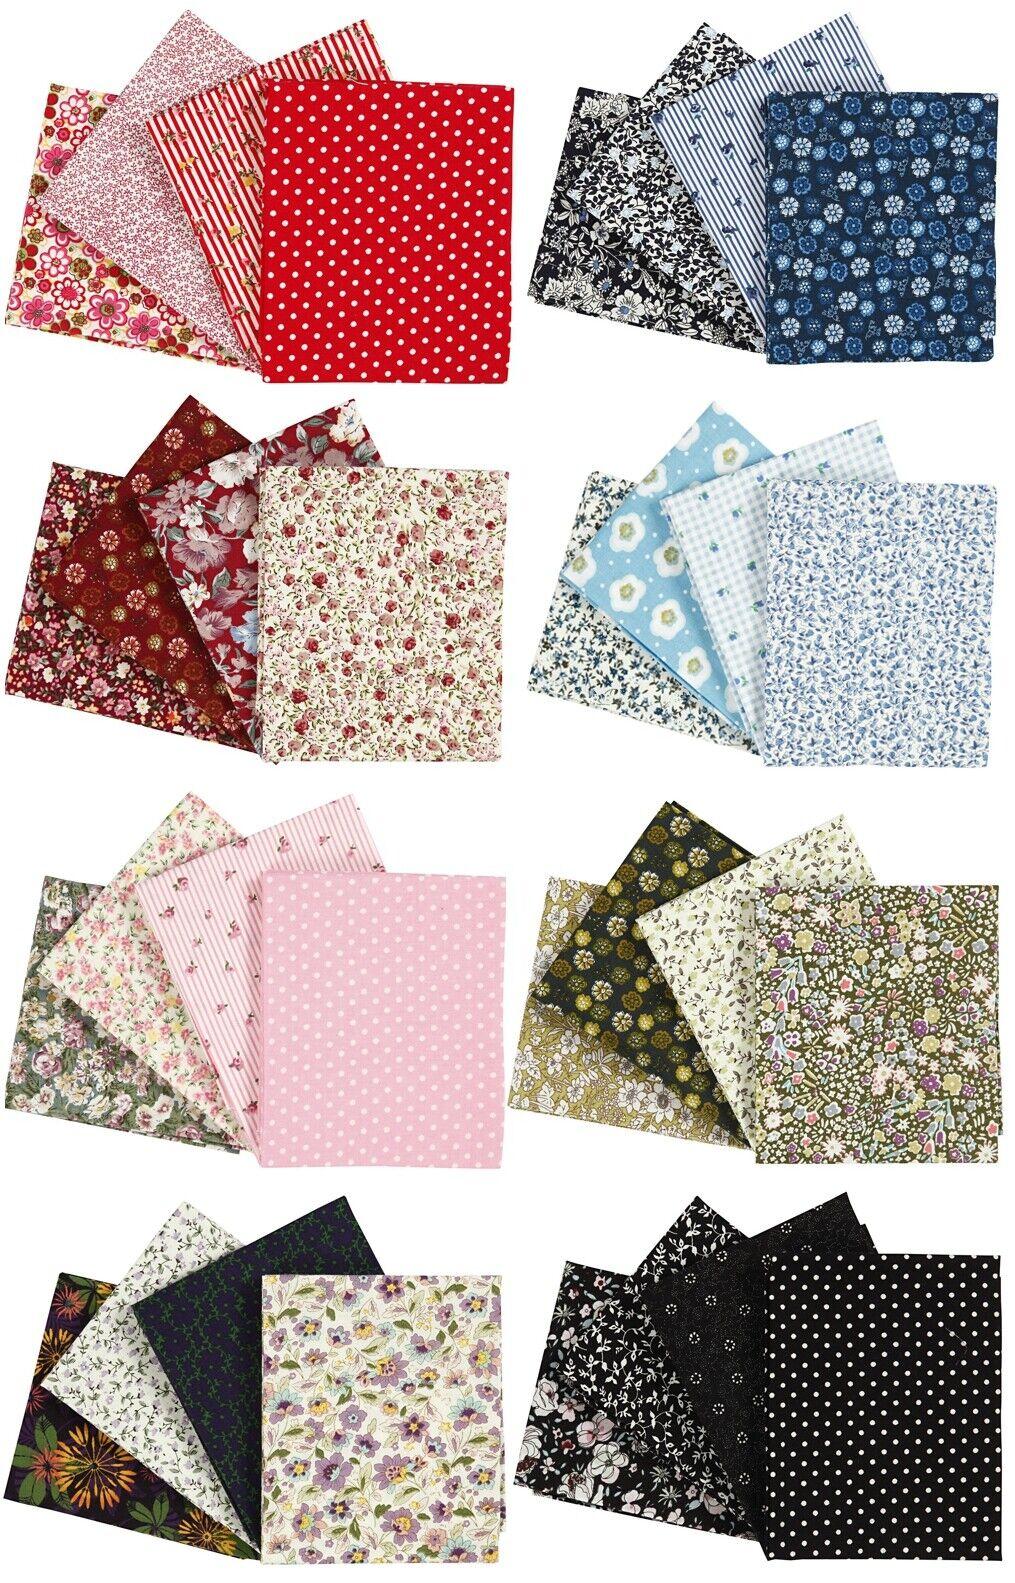 PatchworkStoff,100 Baumwolle,Stoffpaket,Maske,viel Farben Designs,ca.45x55cm